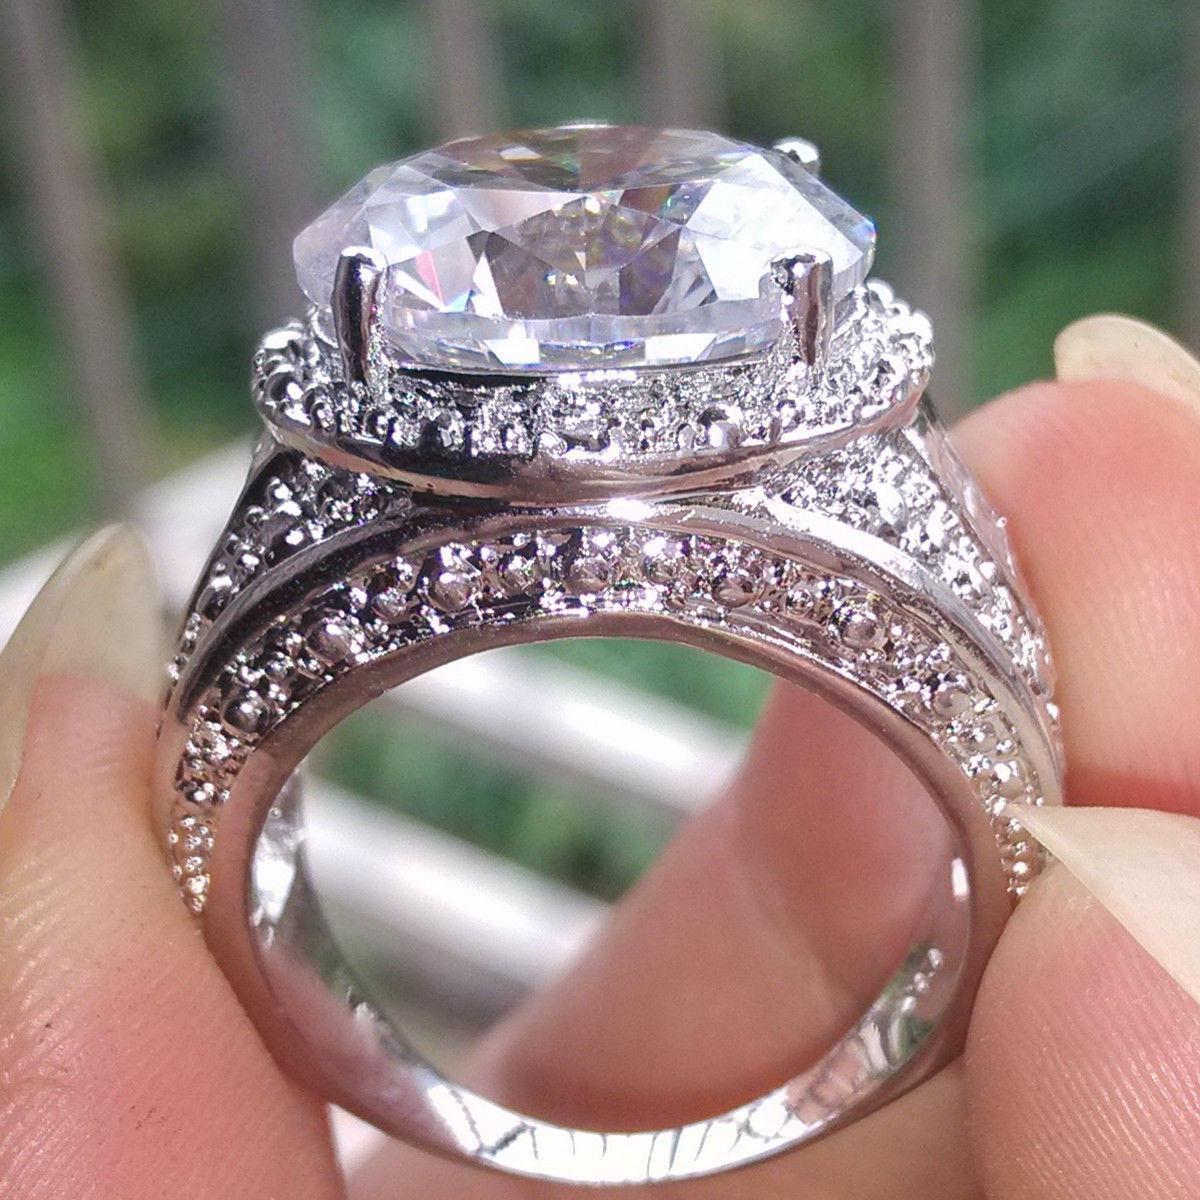 5ct Size 9/10 / 11jewelry set 18KT oro bianco Riempito topazio bianco Pietre preziose CZ Diamond uomo Diamondque Anello barretta matrimonio regalo amante